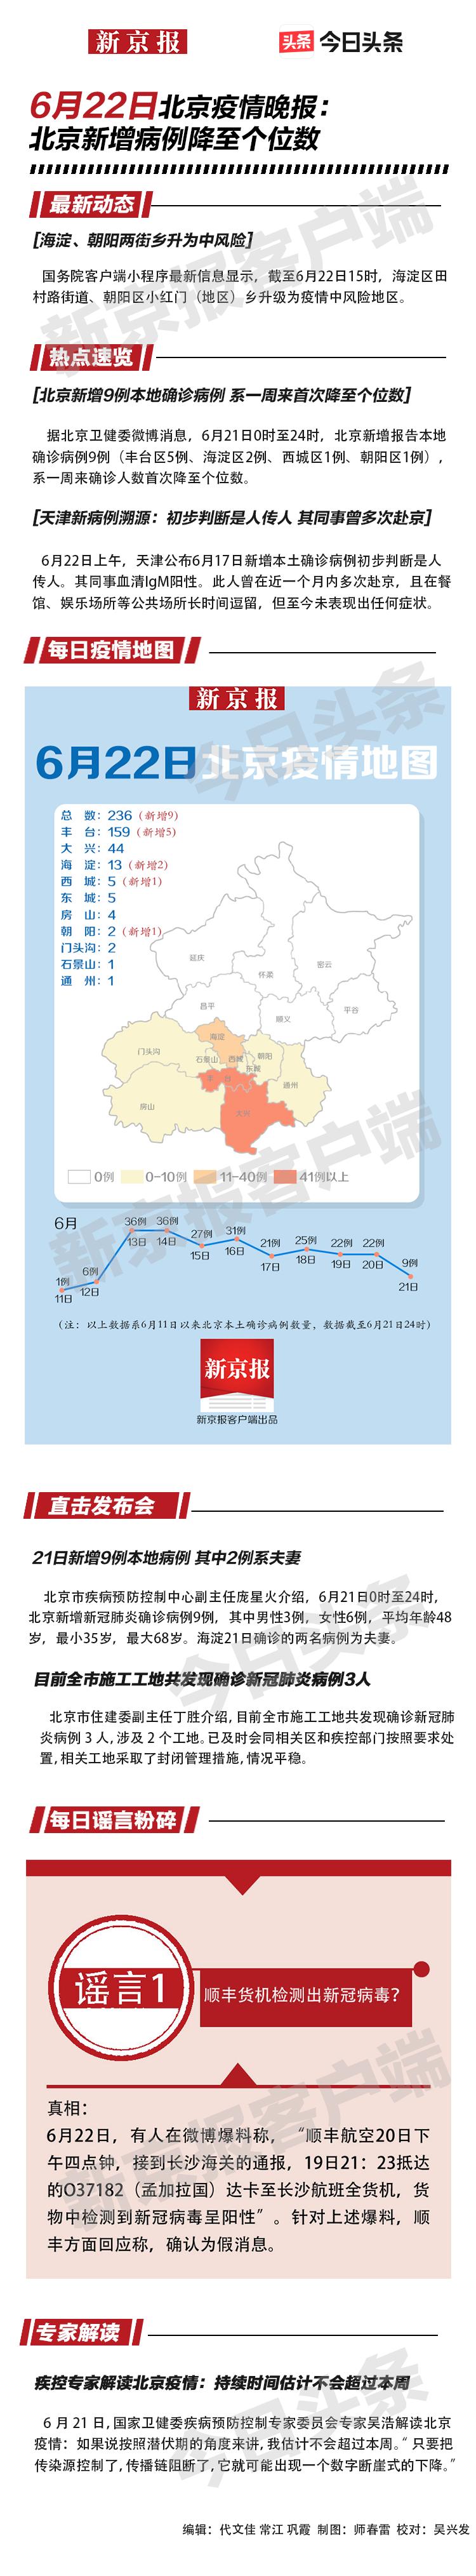 一图速览│6月22日北京疫情晚报图片